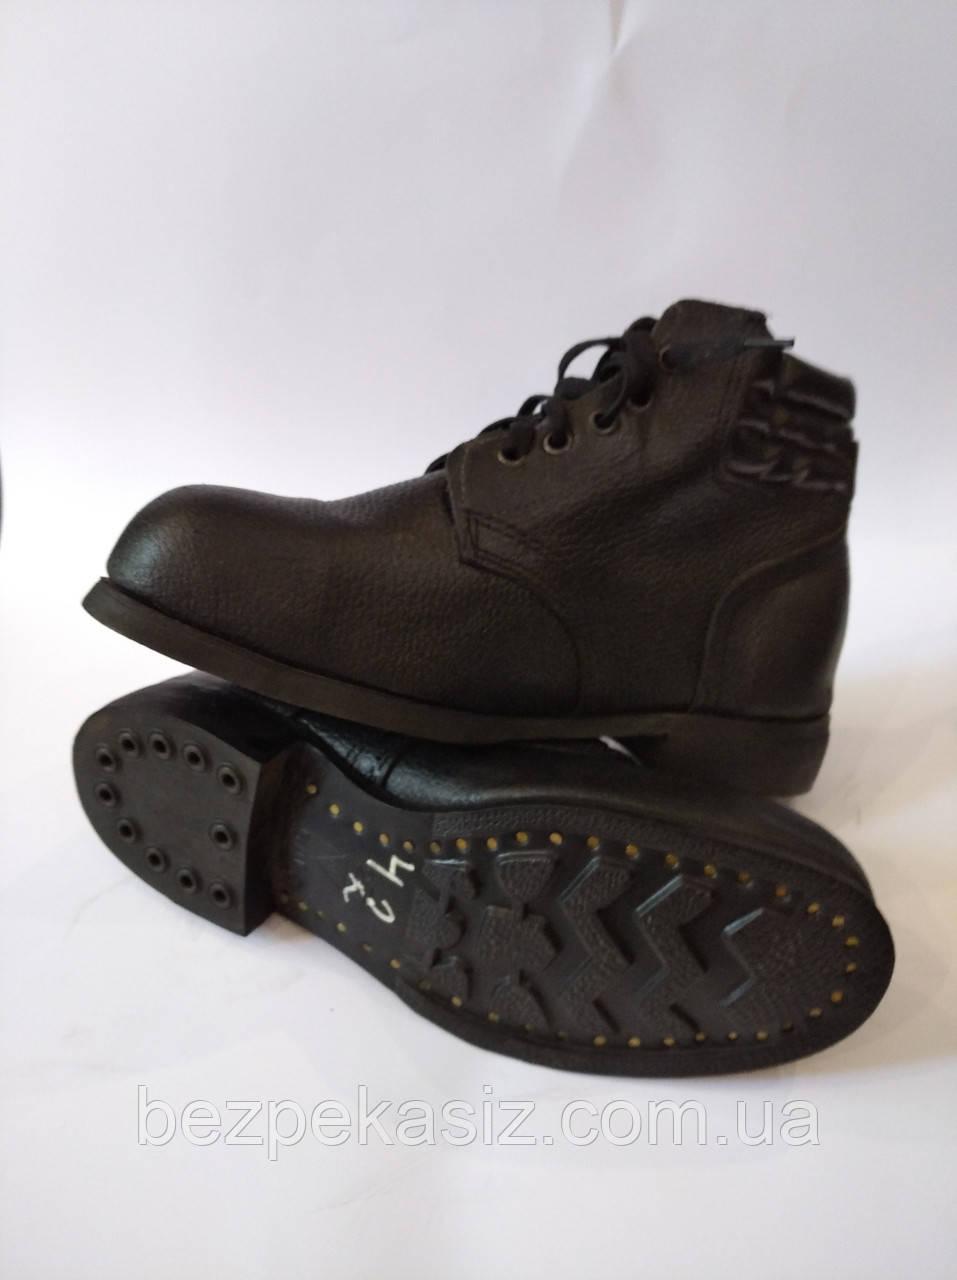 Ботинки рабочие кожаные гвоздевые